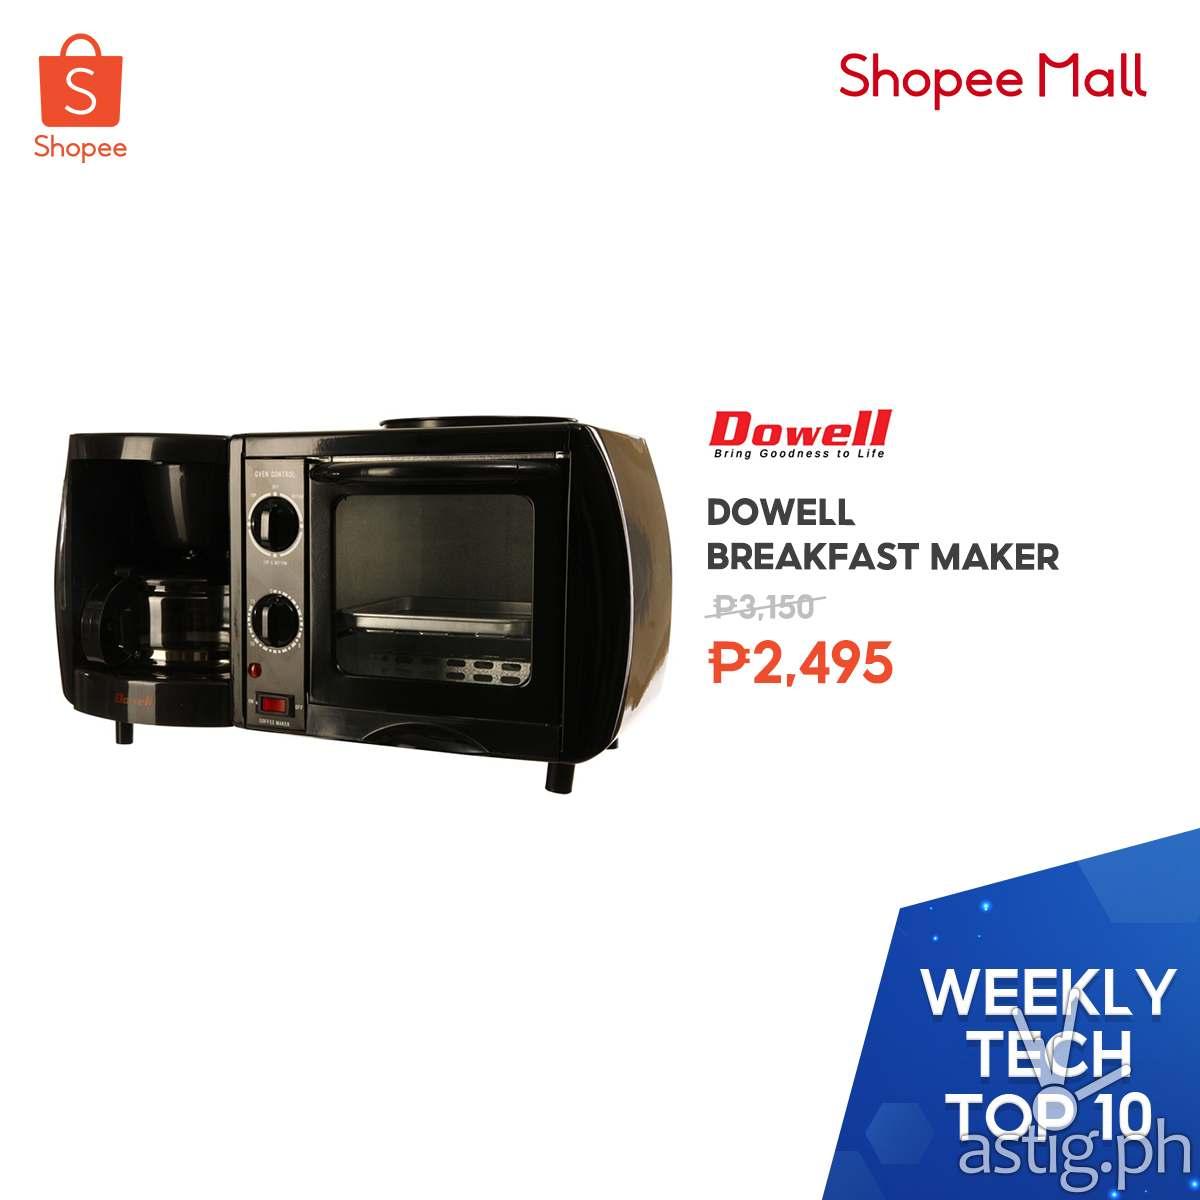 Dowell Breakfast Maker